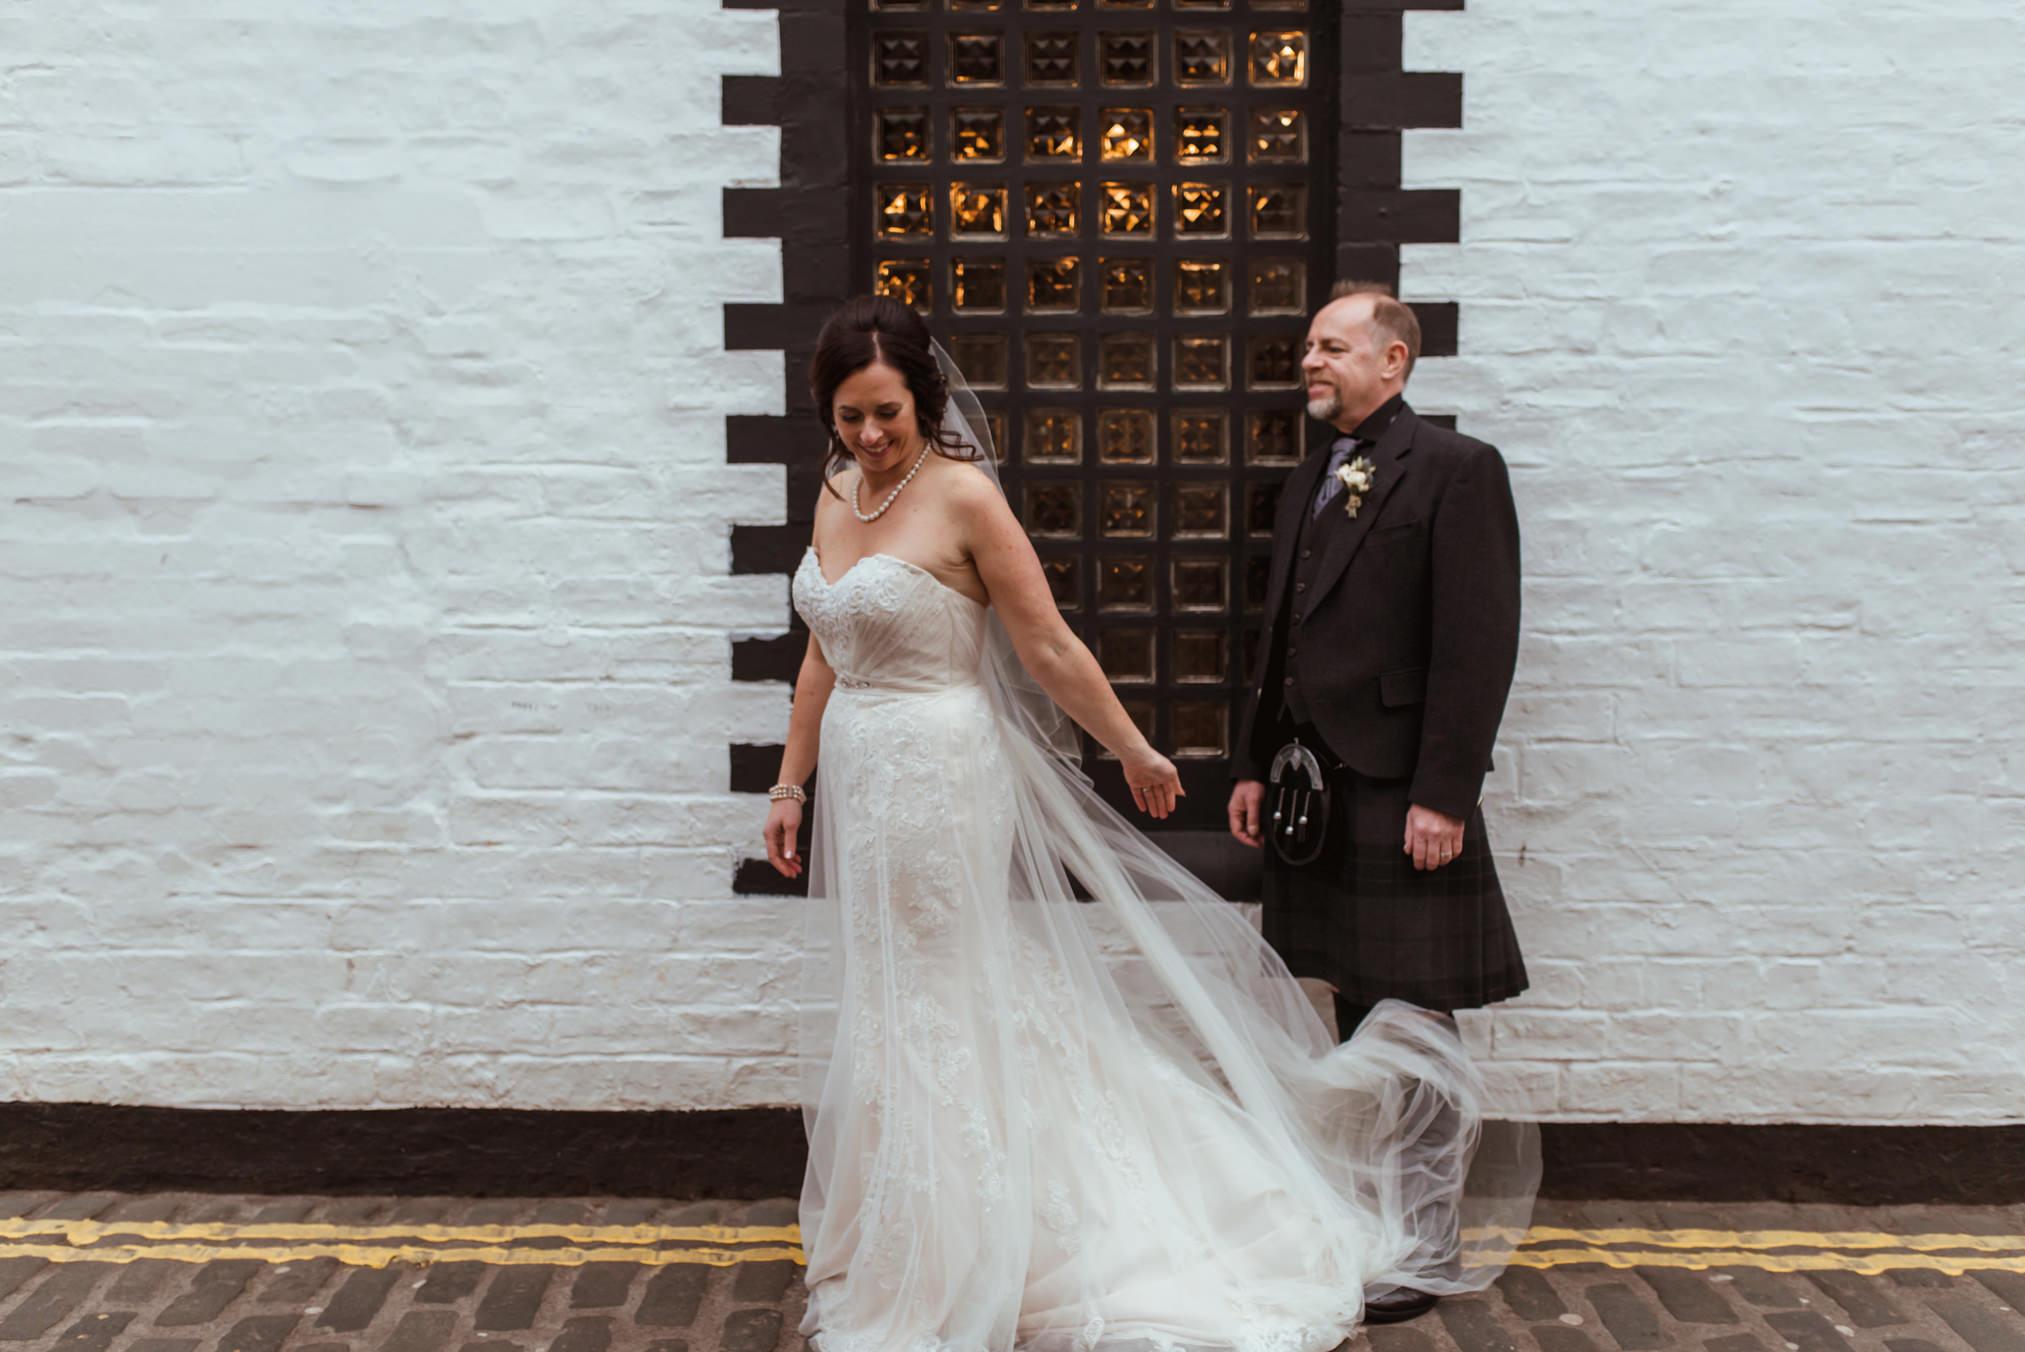 Ubiquitous-Chip-wedding-photography-(7).jpg